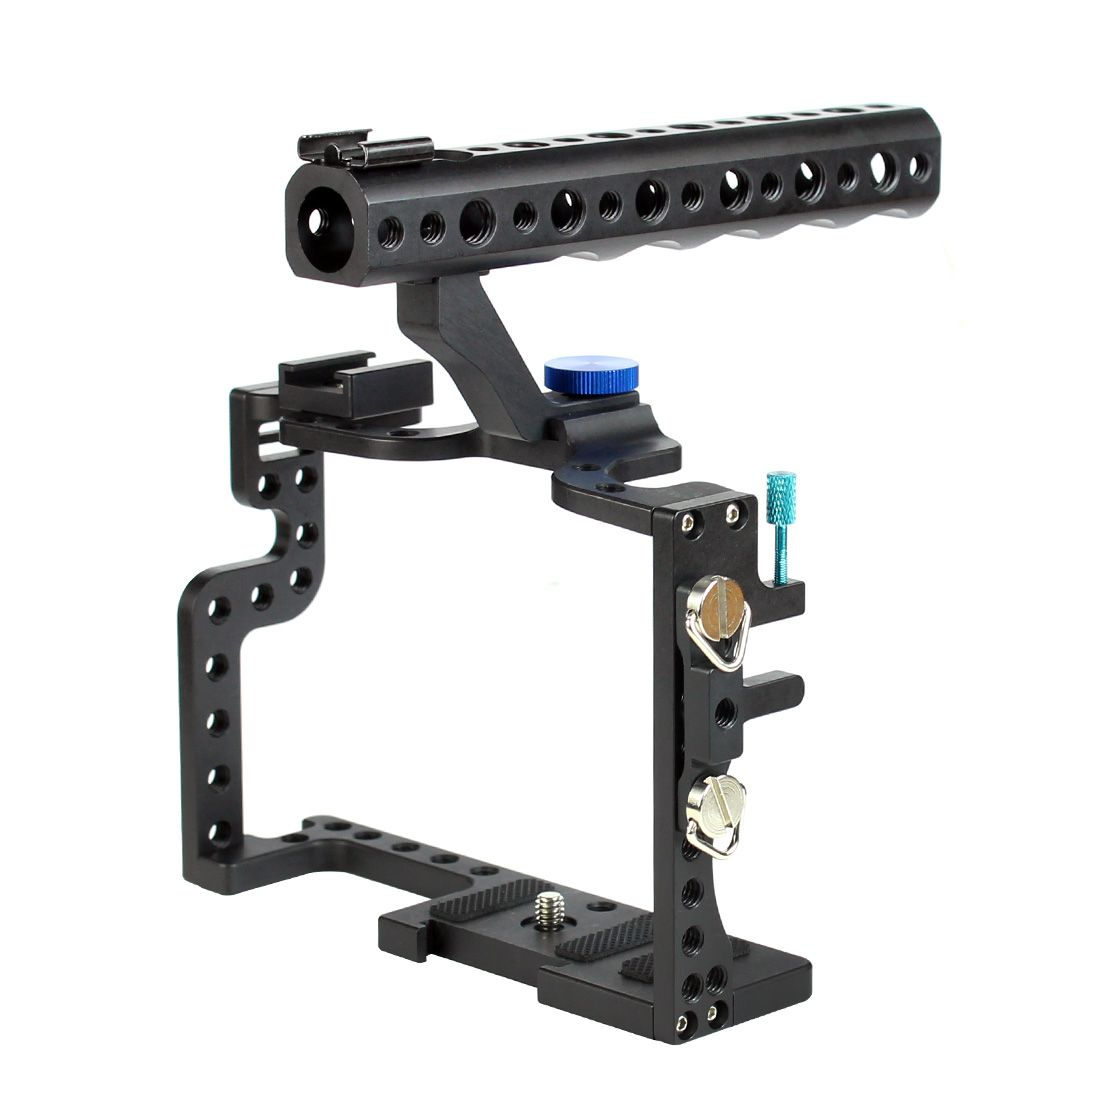 F11100 professionnel GH3 GH4 boîtier de protection poignée de valise poignée robuste Cage Combo Kit plateau montage DSLR plate-forme appareil photo numérique